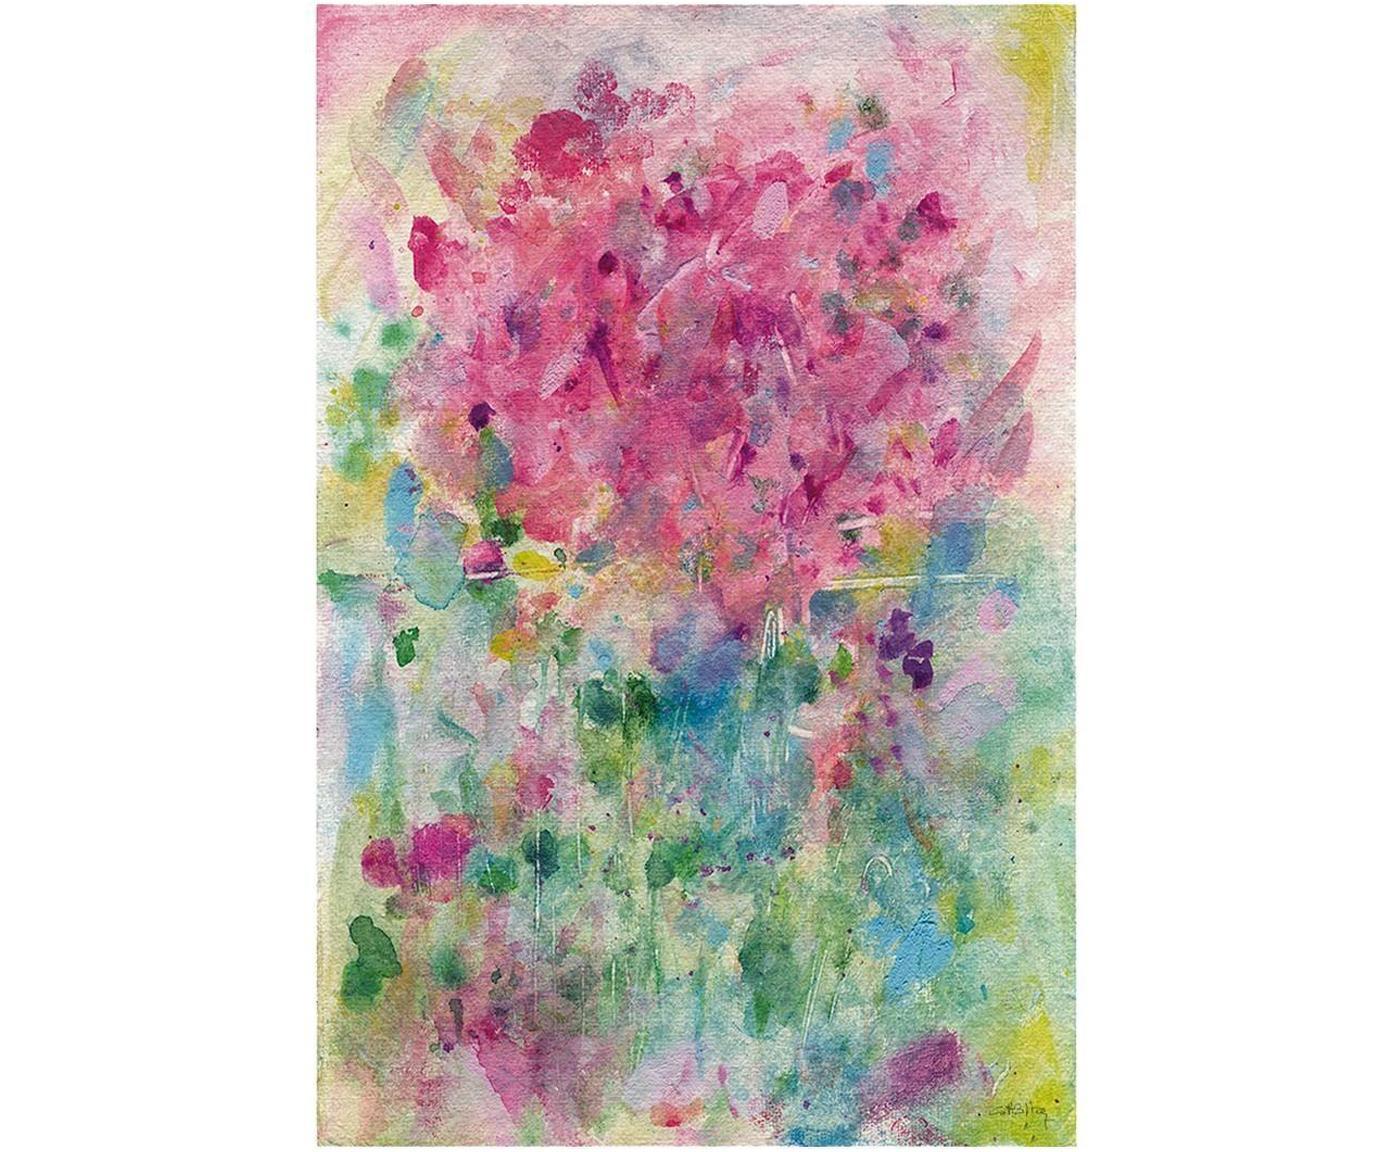 Impresión digital sobre lienzo Eterno Presente, Multicolor, An 40 x Al 60 cm